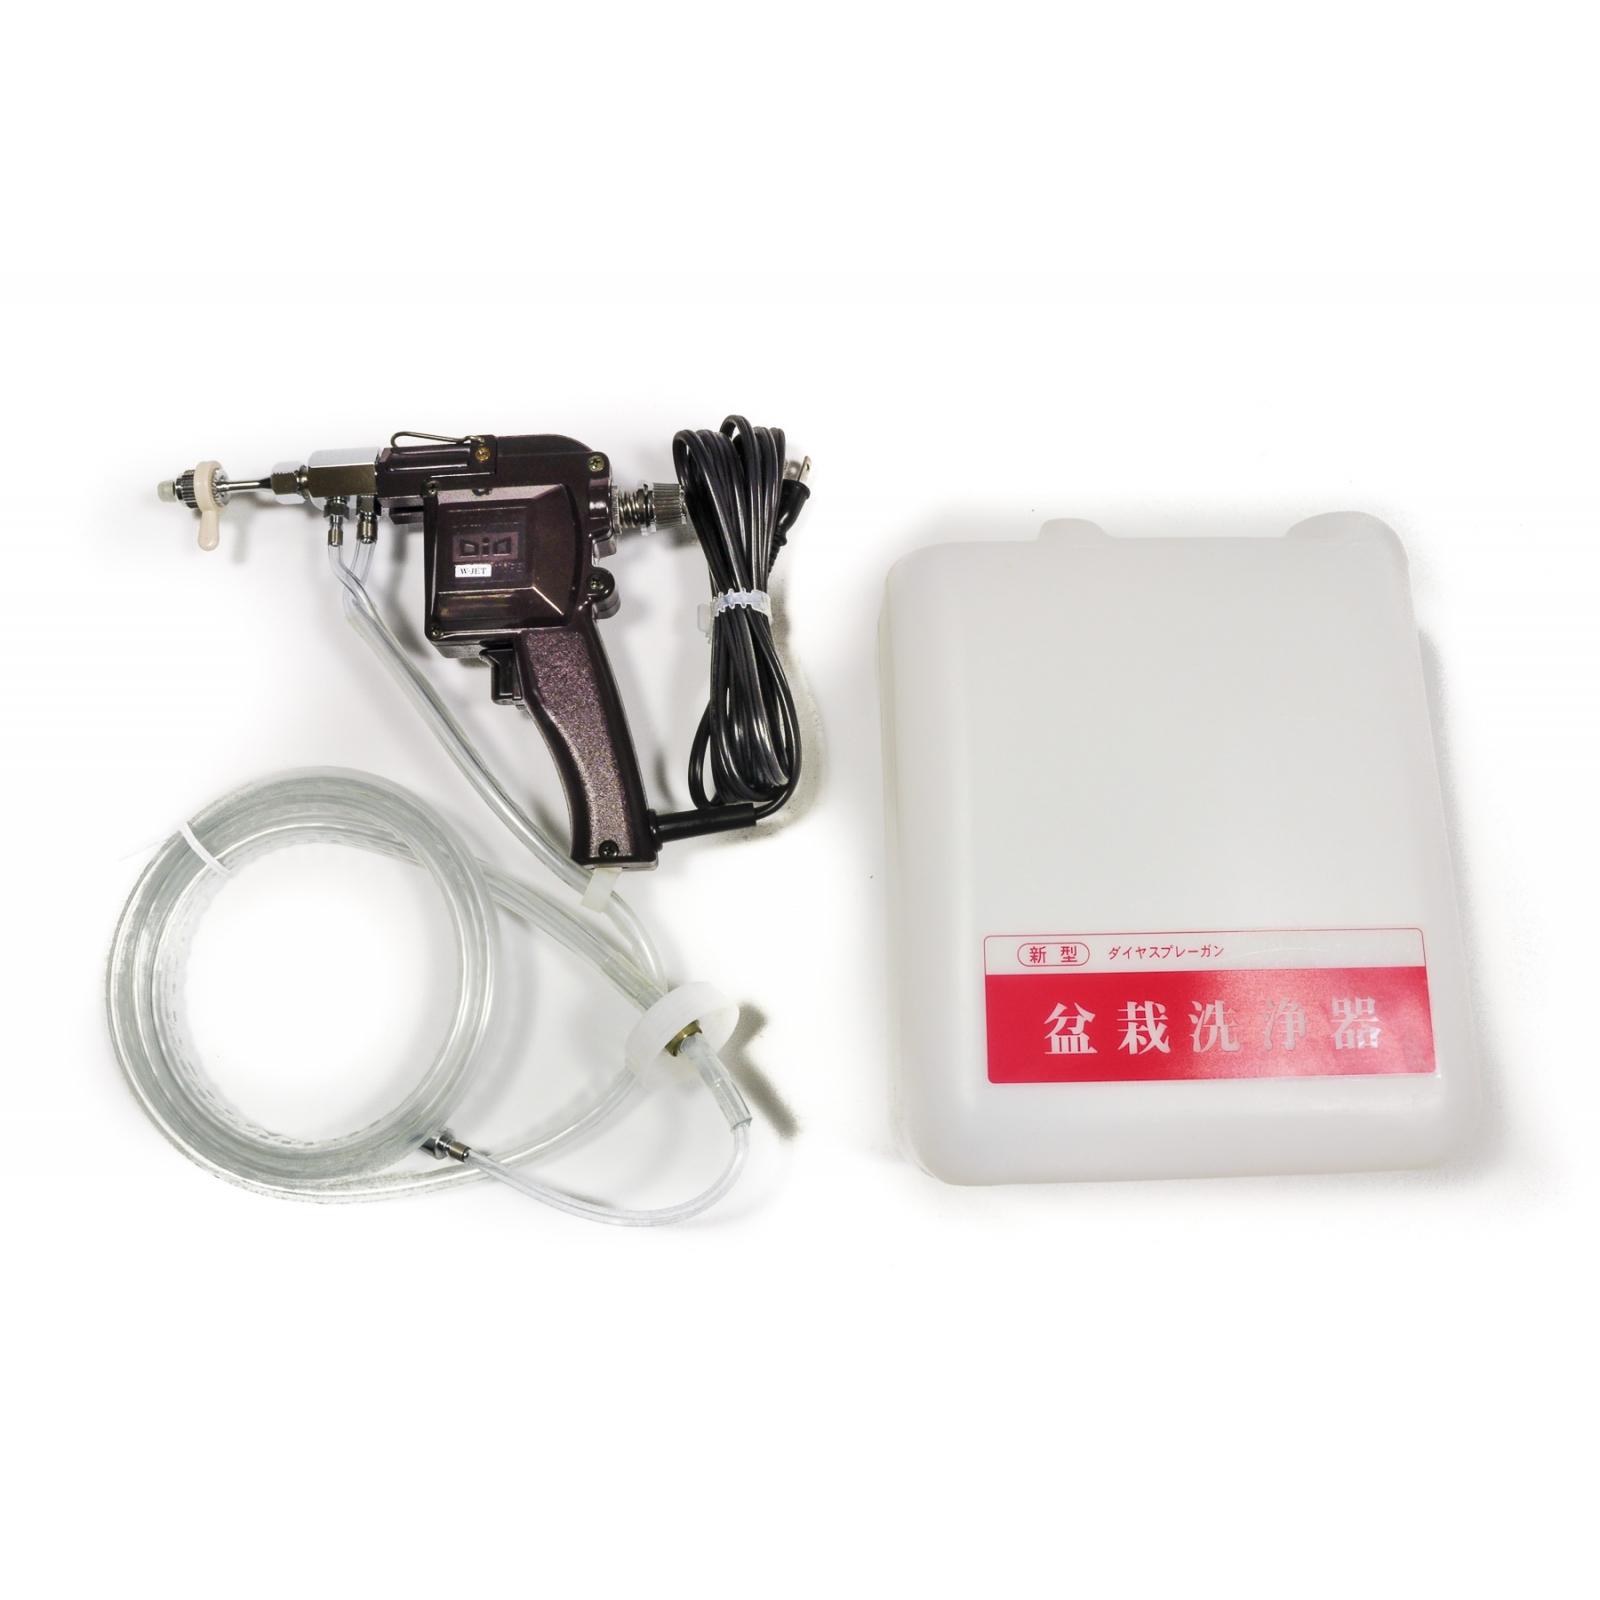 Pistola de Agua a presion